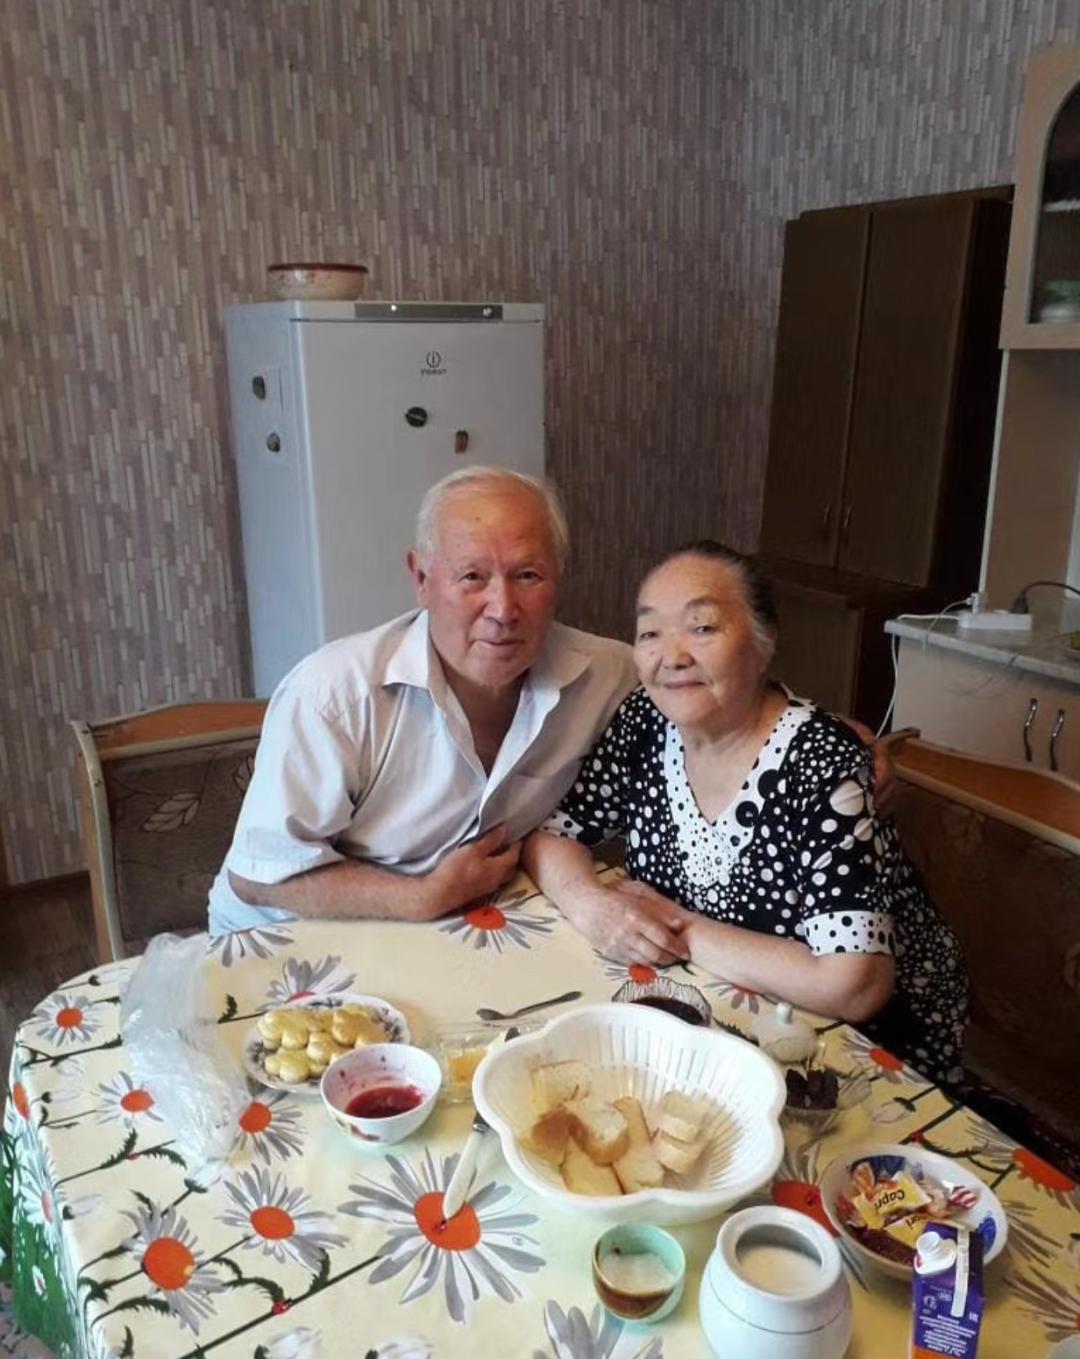 曼蘇爾的父母在餐桌邊的合影 圖片來源:受訪者提供